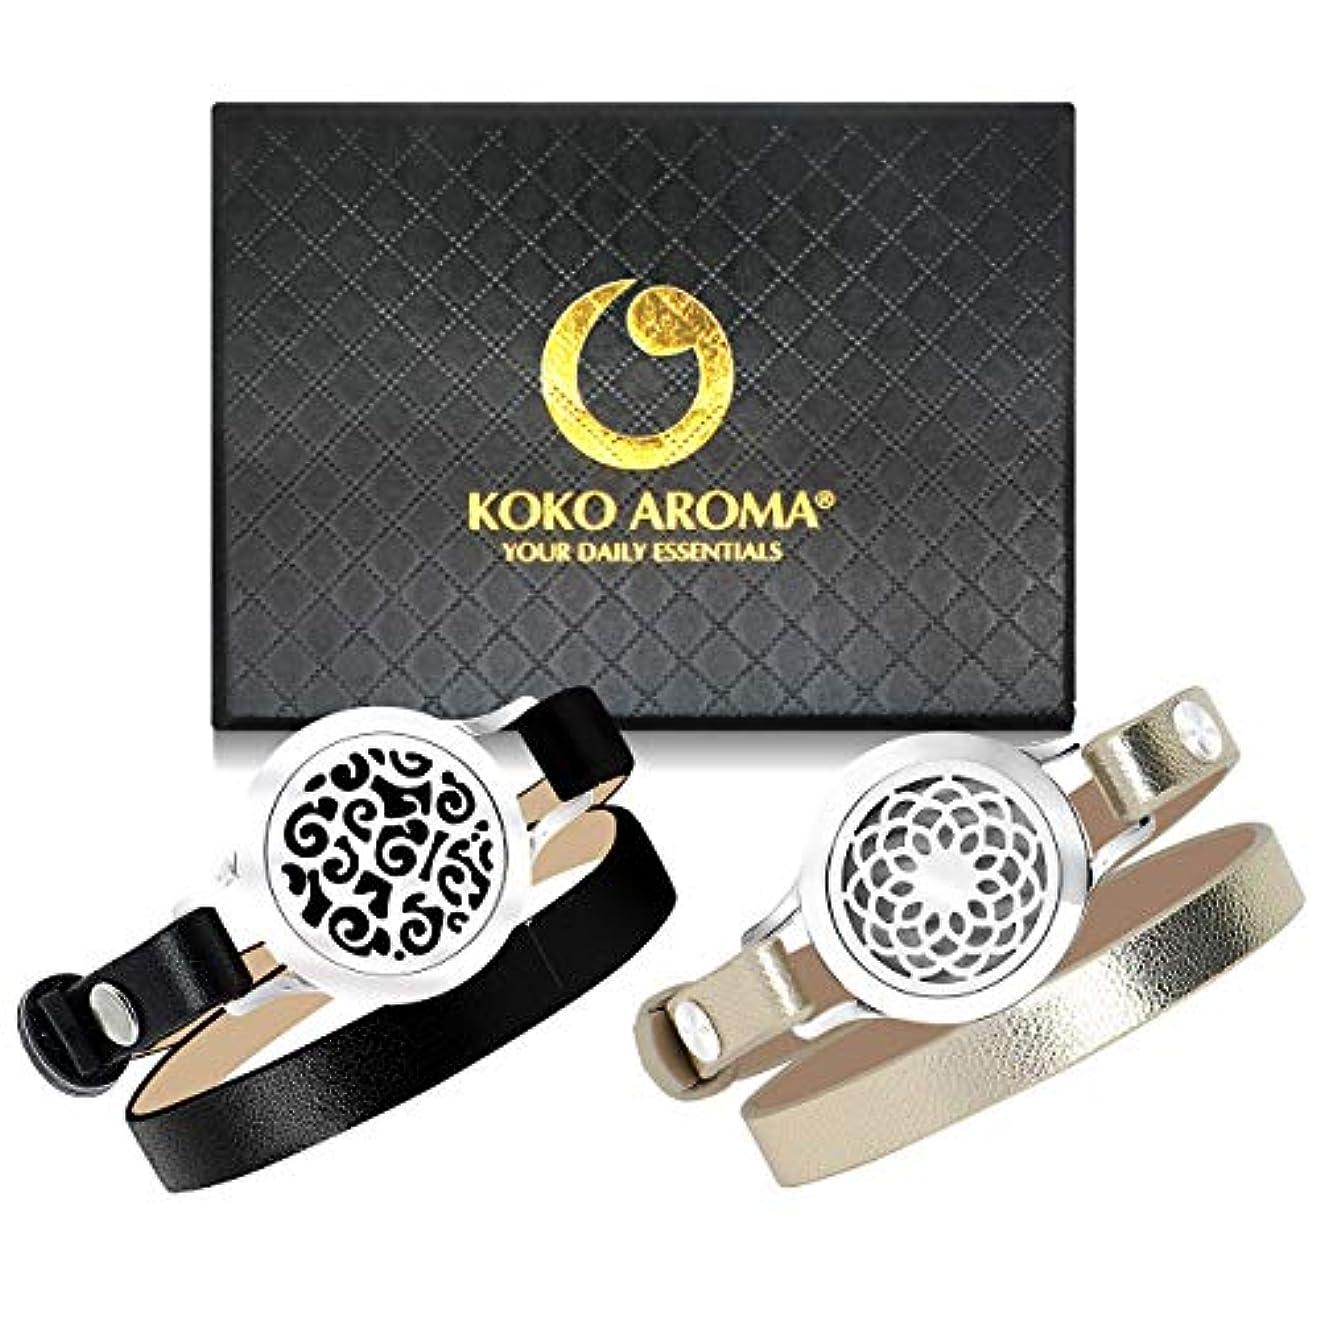 放棄する道に迷いました樹木KOKO AROMA Essential Oil Diffuser Bracelets 2pcs: Stainless Steel Aromatherapy Bangle or Leather Jewelry Woman...